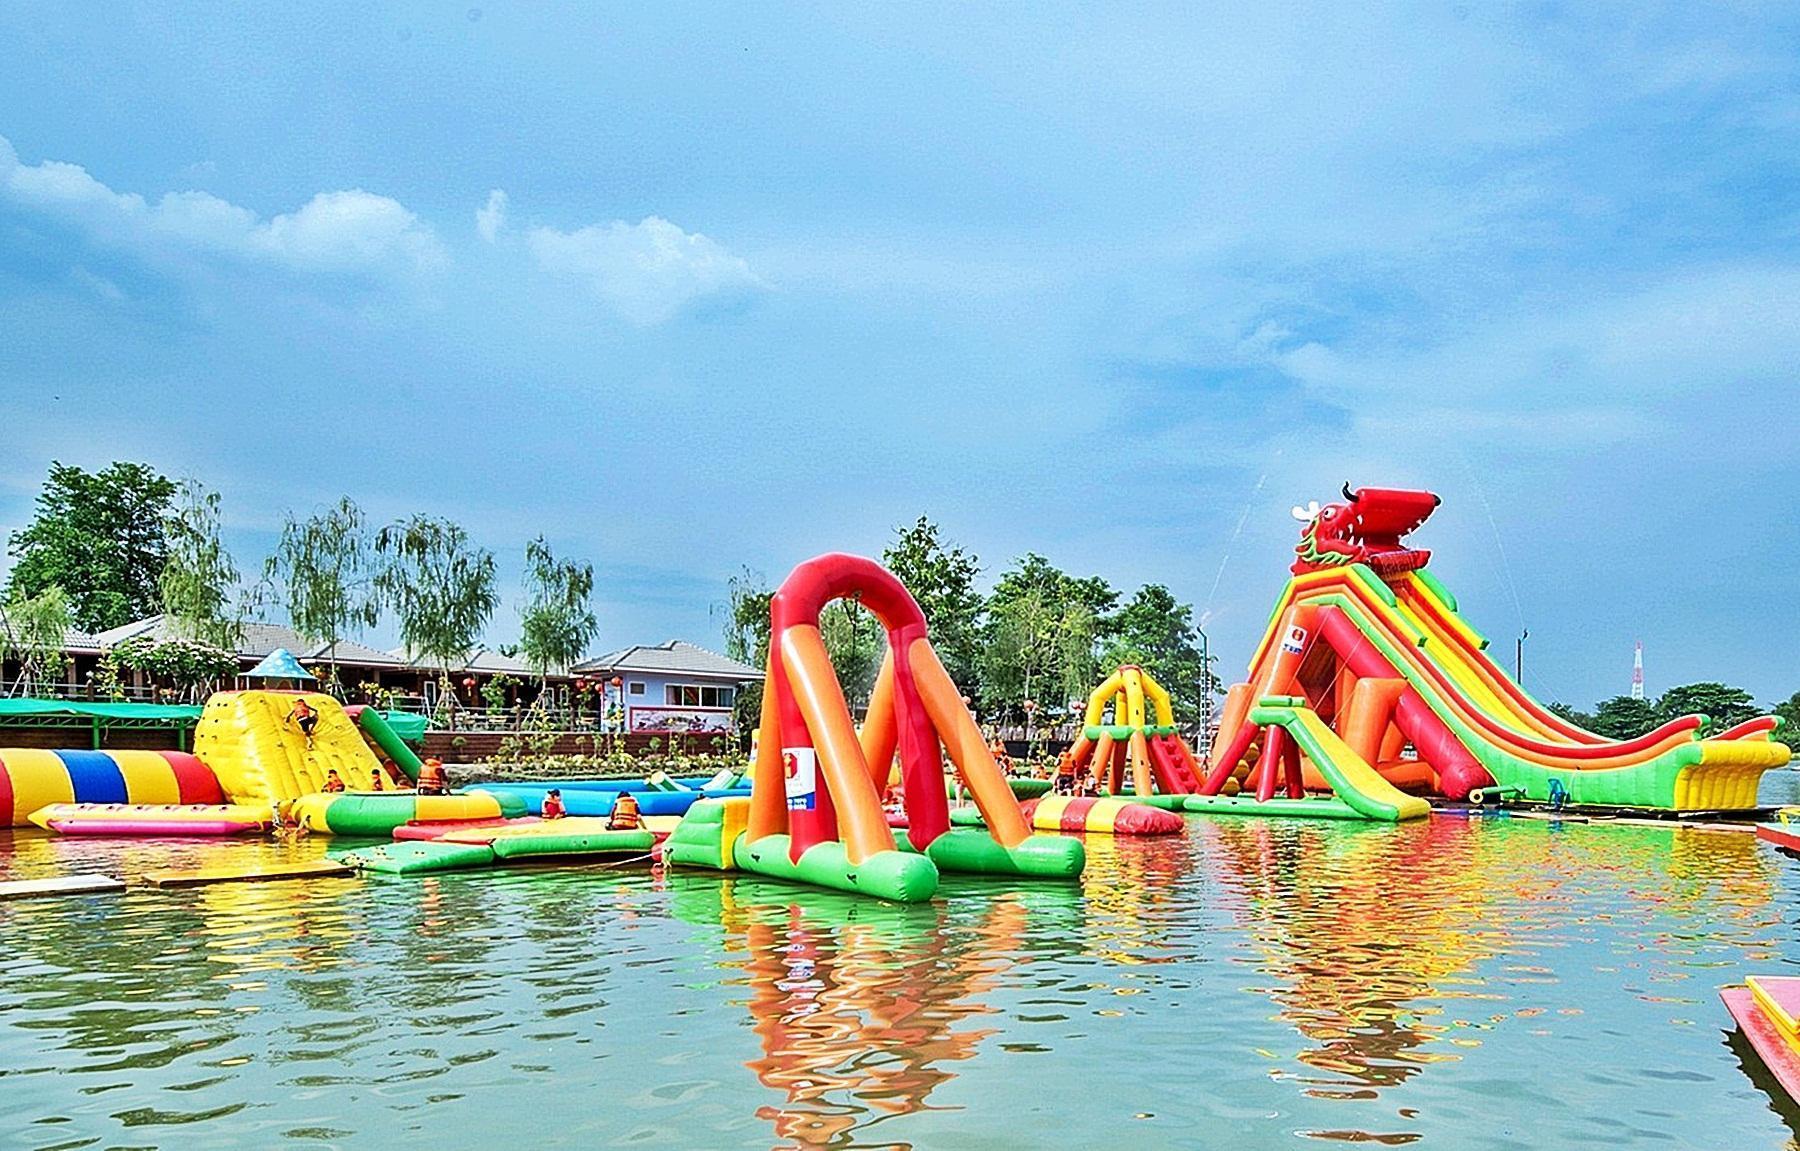 Dream Park Resort ดรีมปาร์ค รีสอร์ท